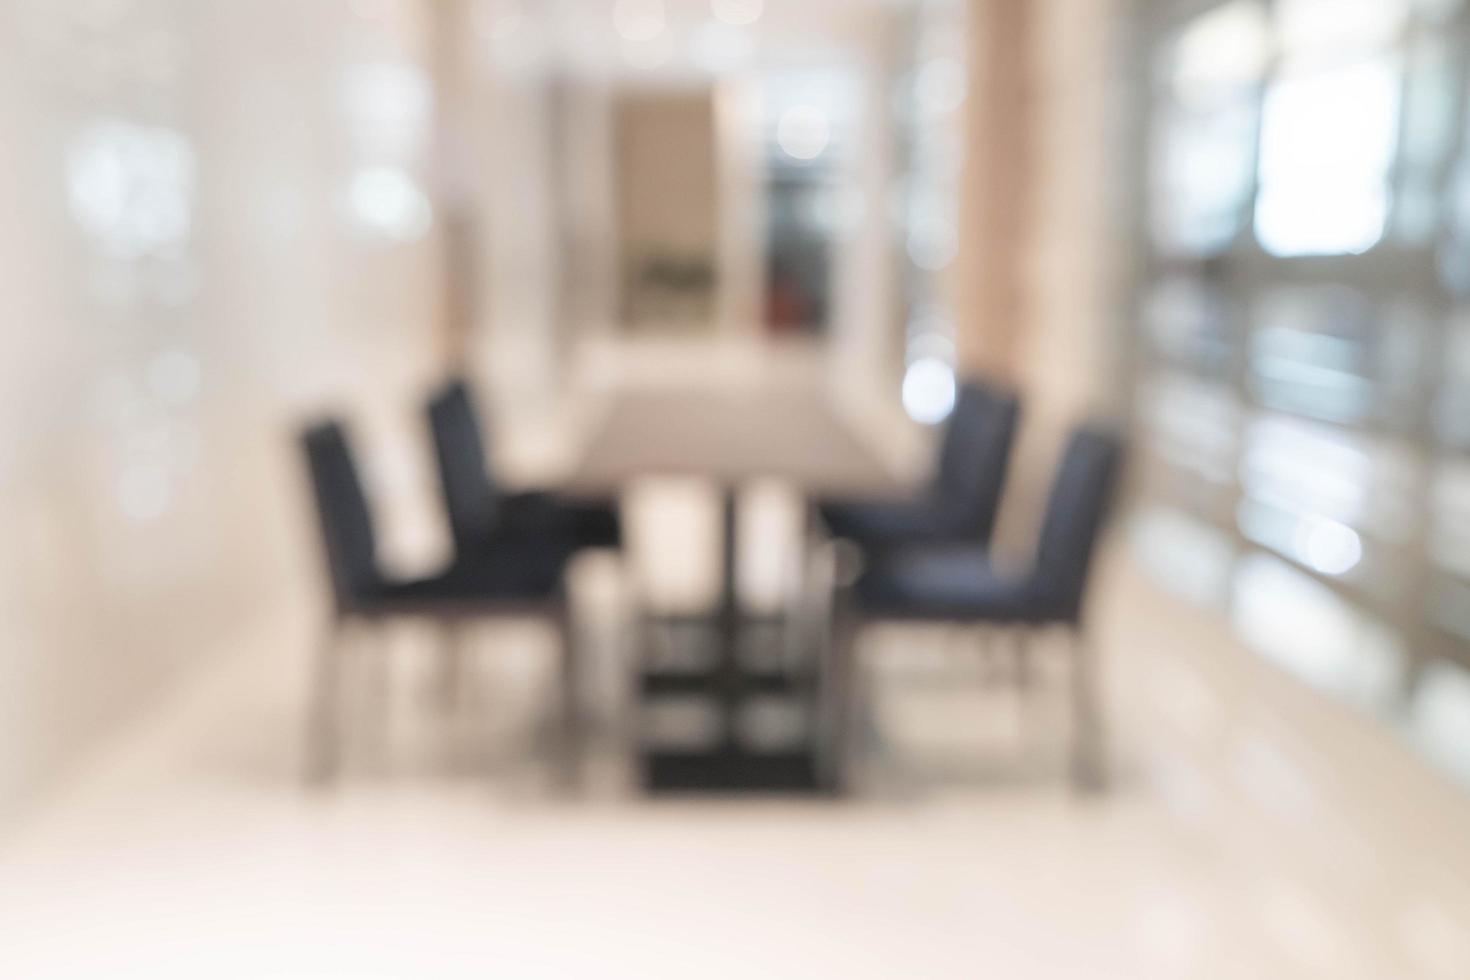 sfocatura astratta tavolo vuoto per lo sfondo da pranzo foto